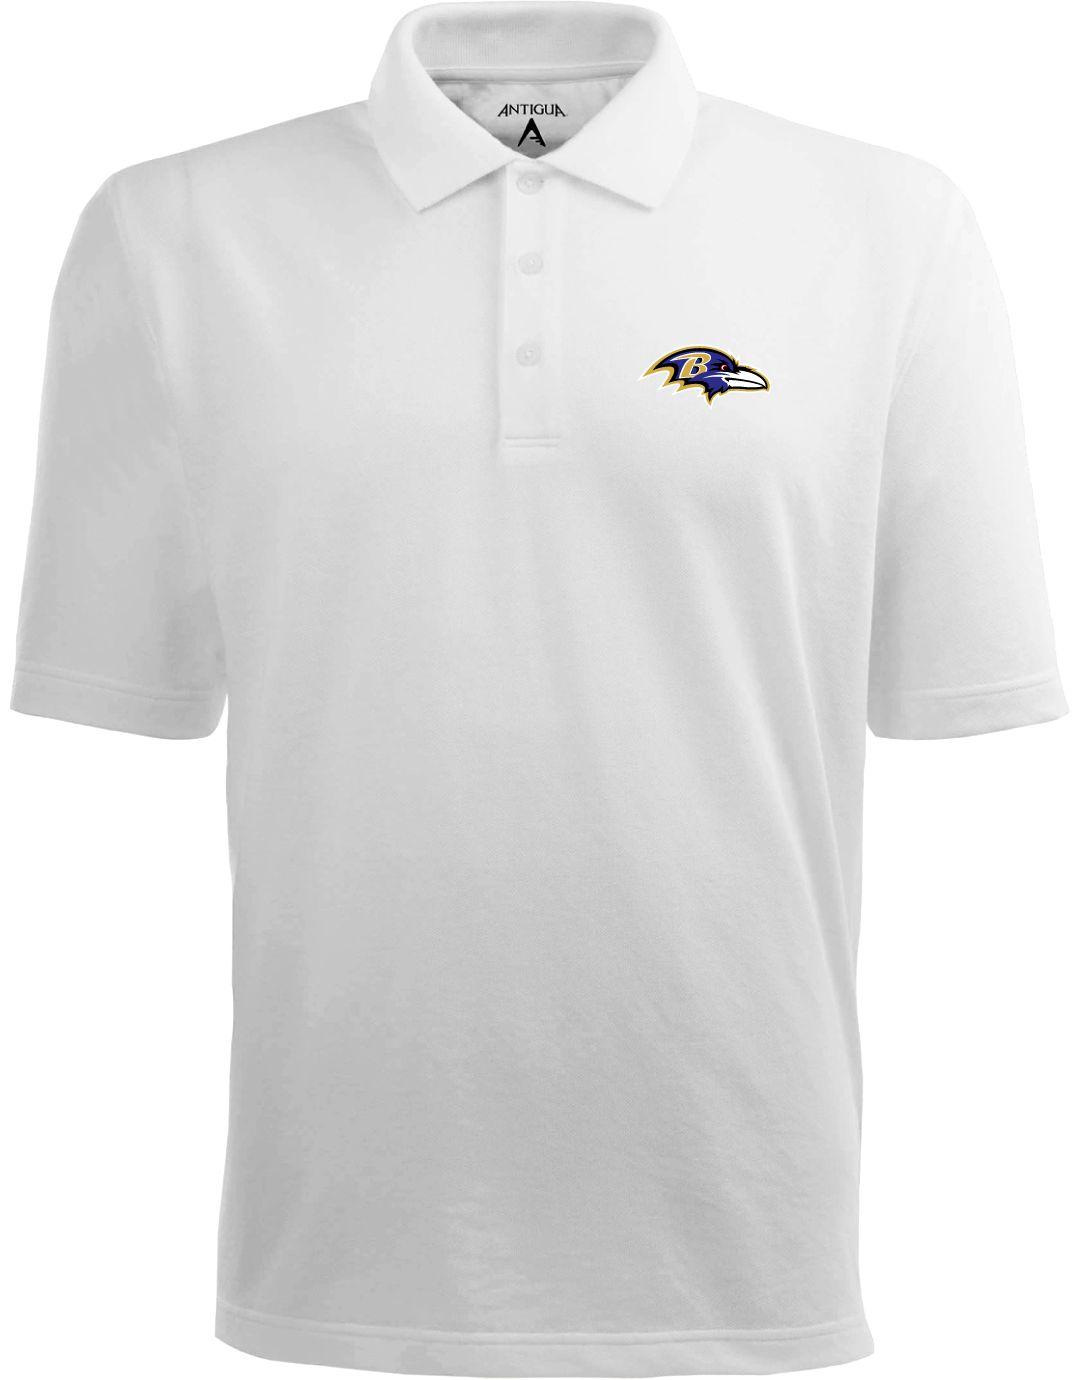 11068a0d Antigua Men's Baltimore Ravens Pique Xtra-Lite White Polo